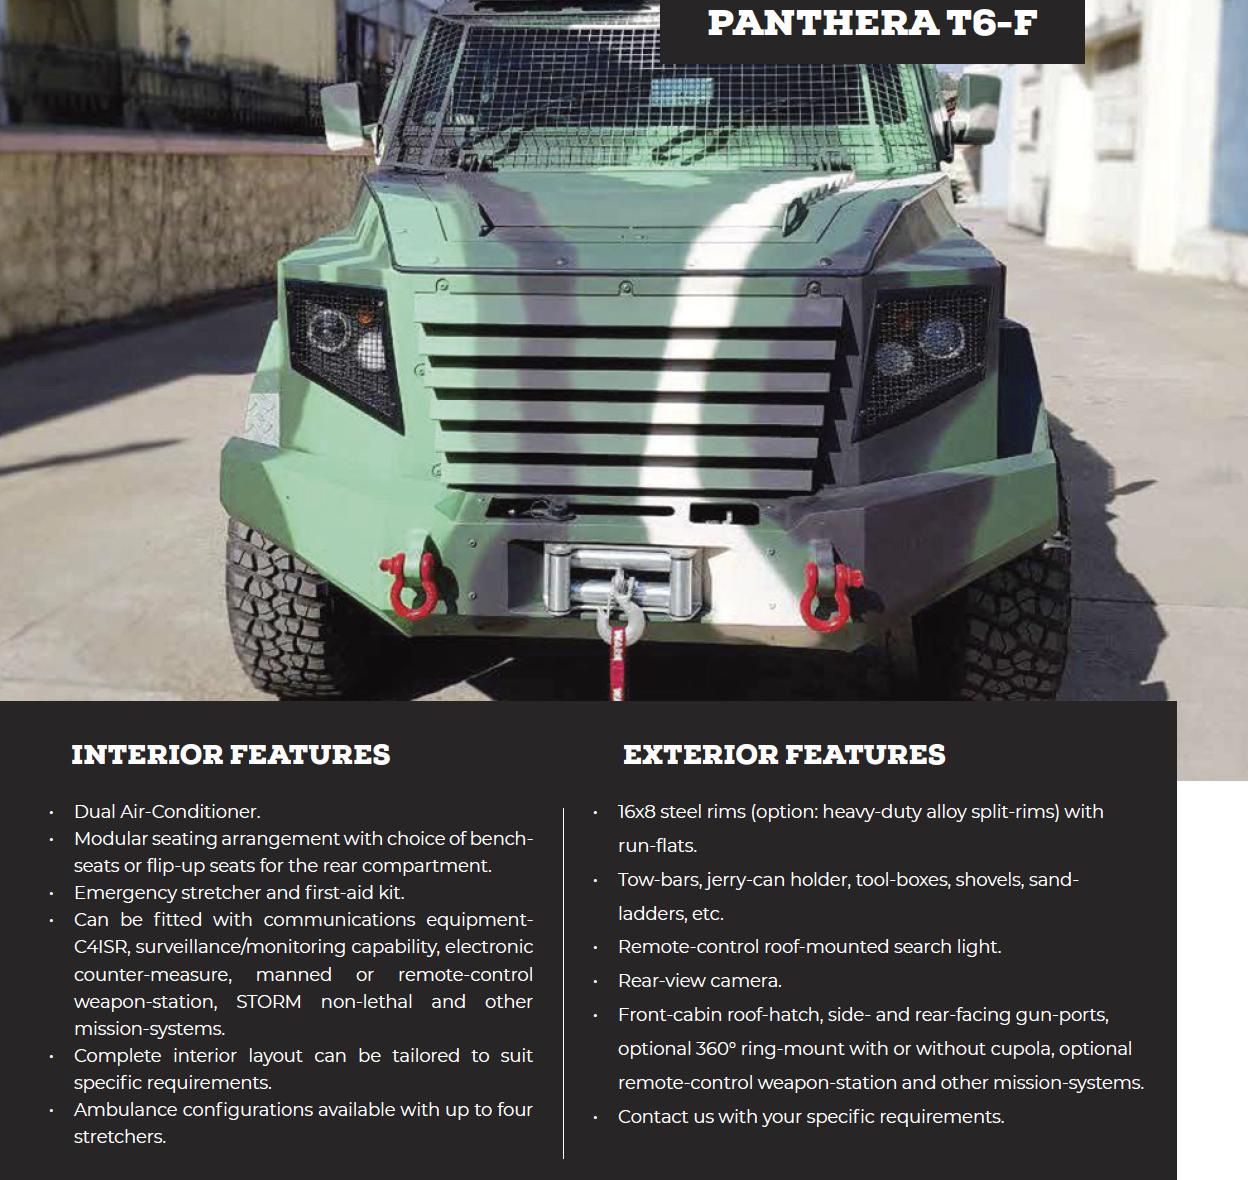 Panthera T6-F